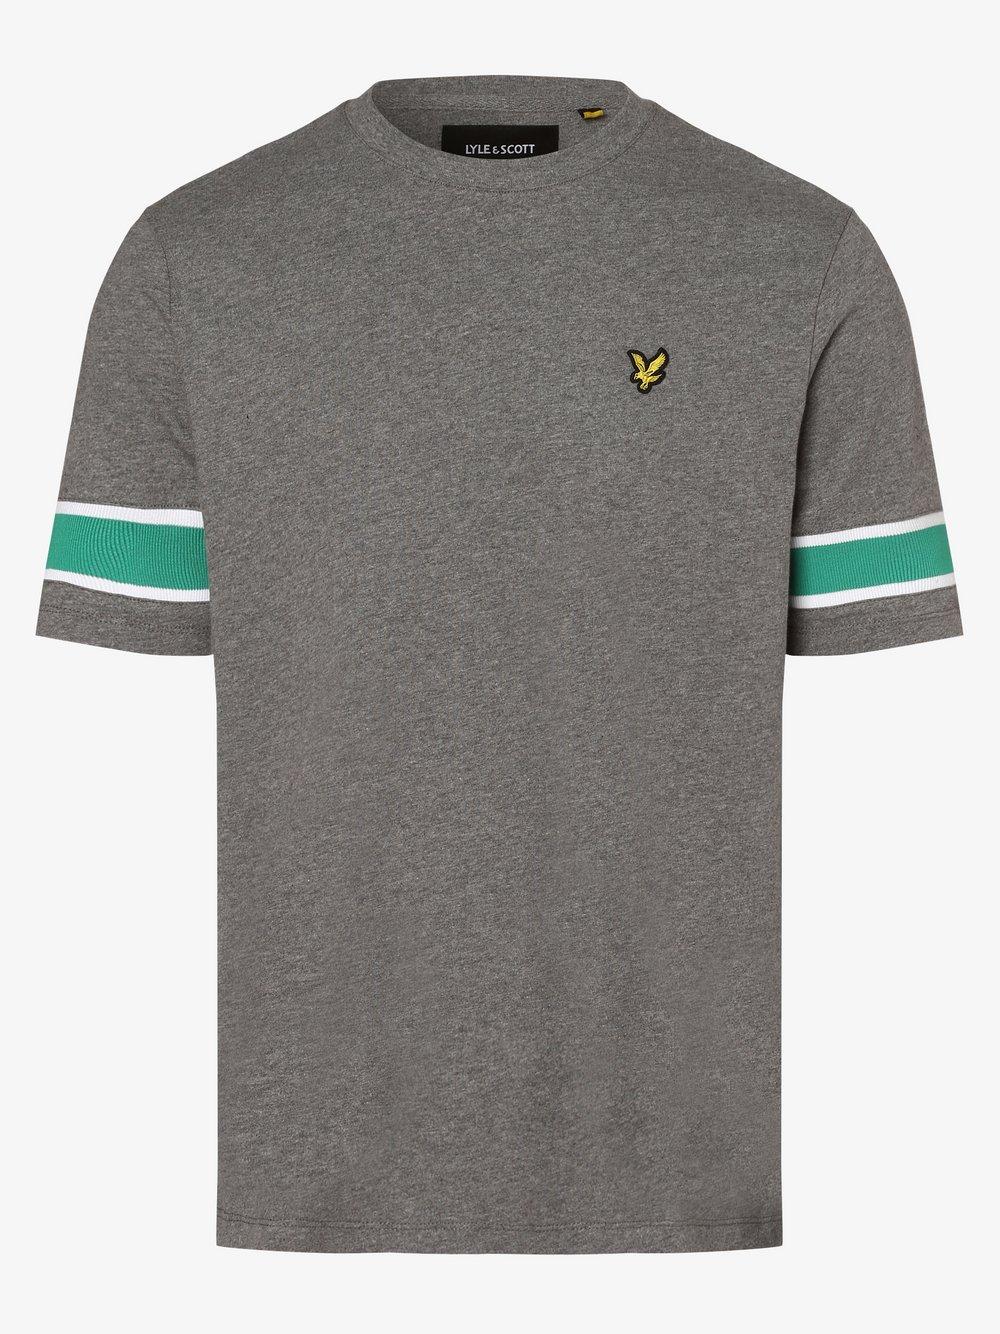 Lyle & Scott – T-shirt męski, szary Van Graaf 474680-0002